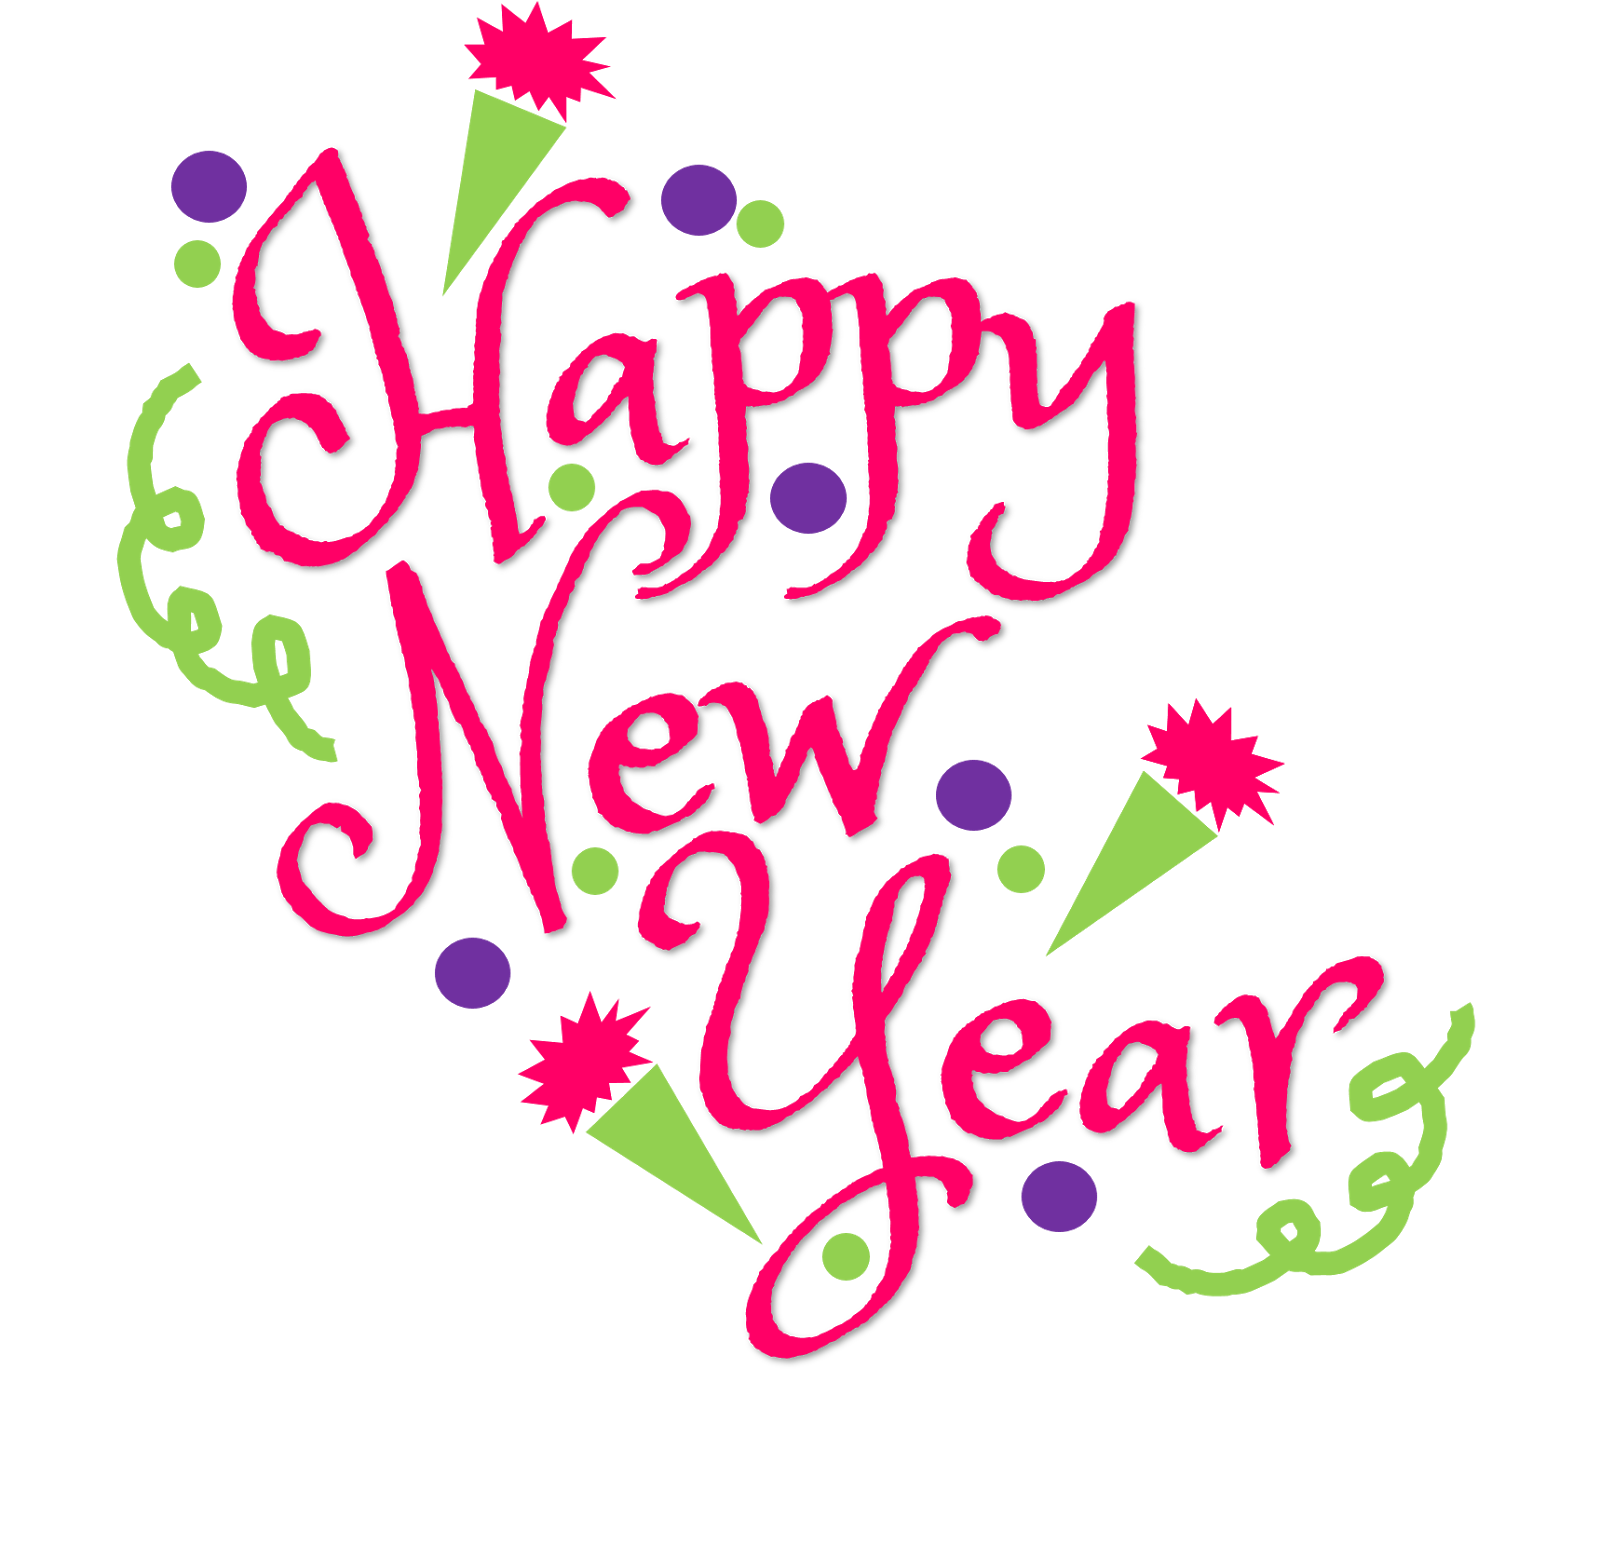 happy new year clipart happy new year 2018 clipart images free rh pinterest ca free religious happy new year clipart free animated happy new year clipart